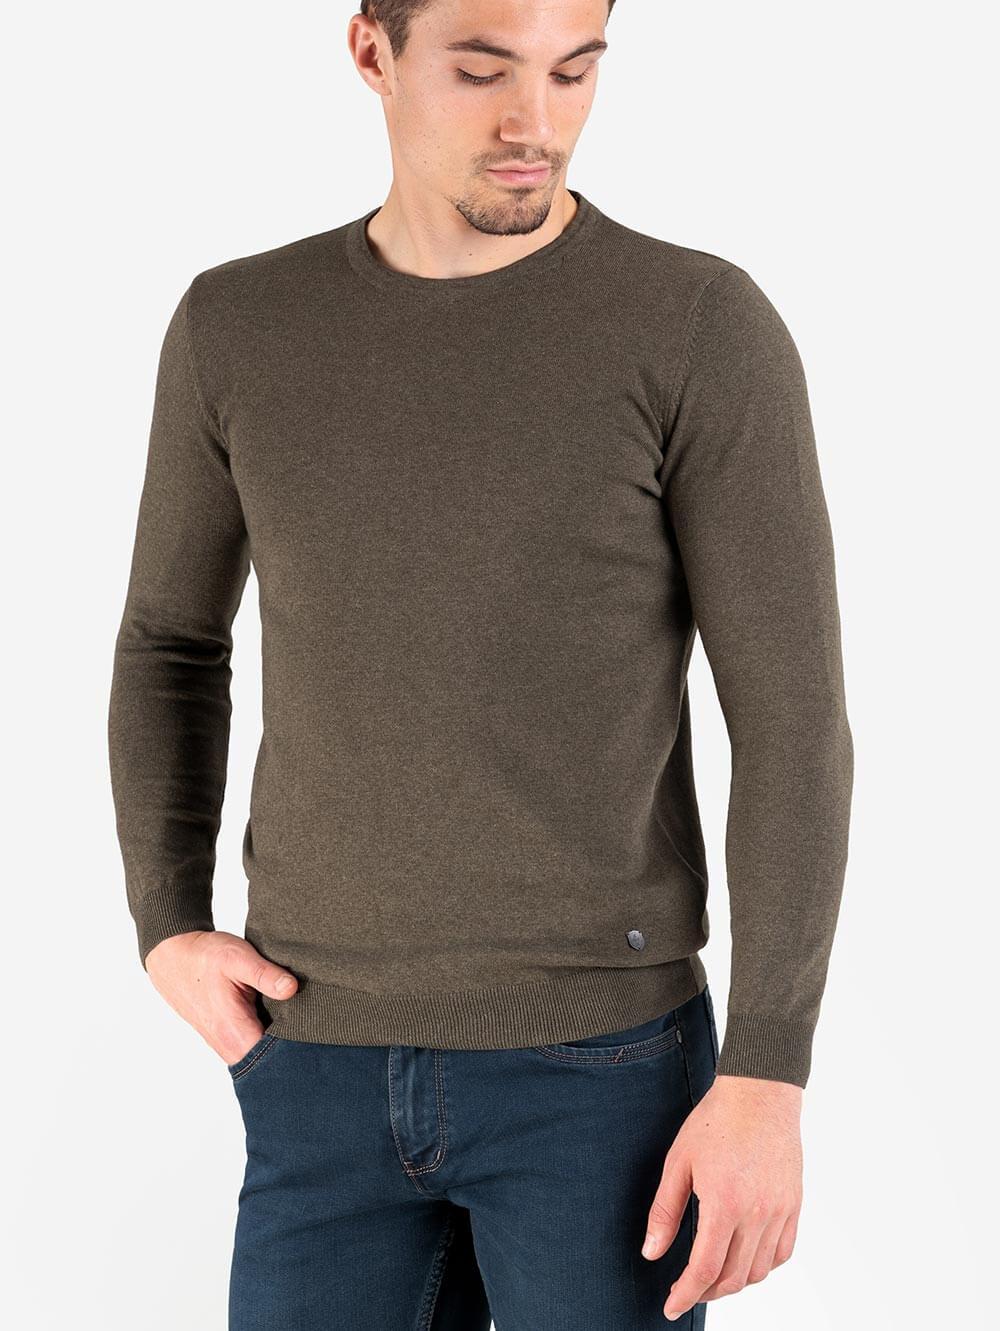 0fa3da1f96b Мъжки пуловер обло бие- цвят каки   Пуловери от INDIGO Fashion